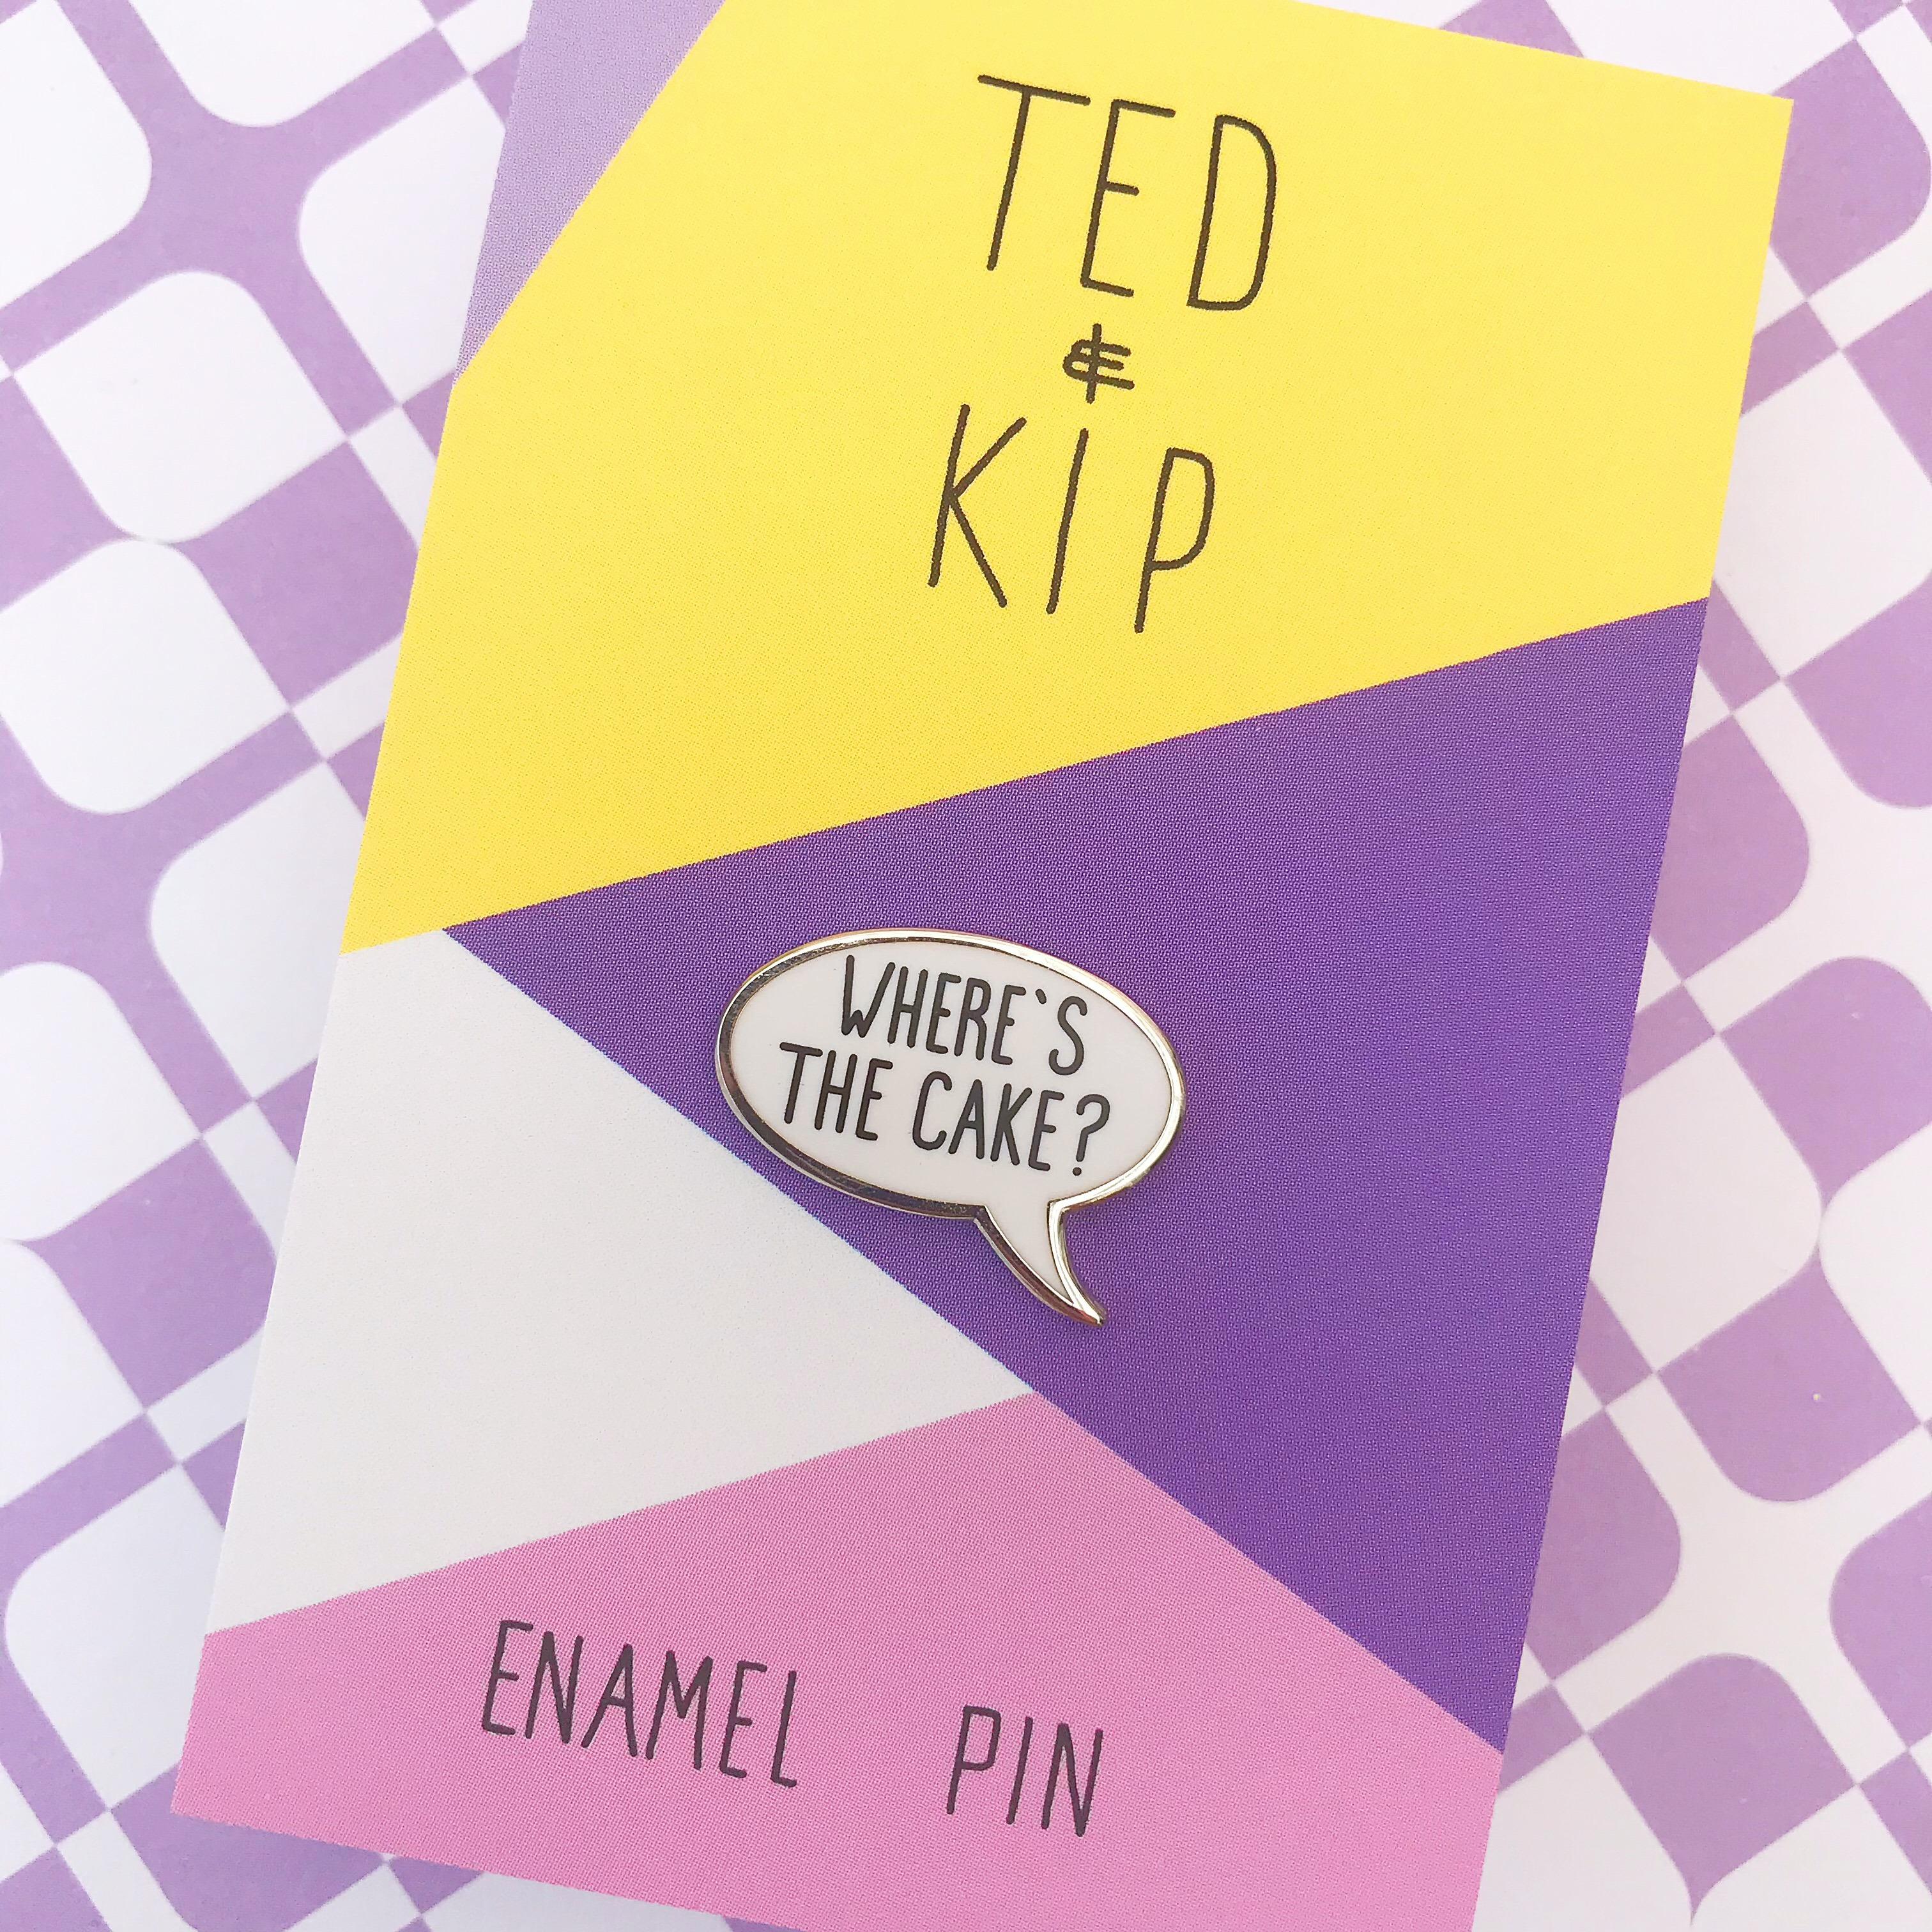 Ted and kip pin badge